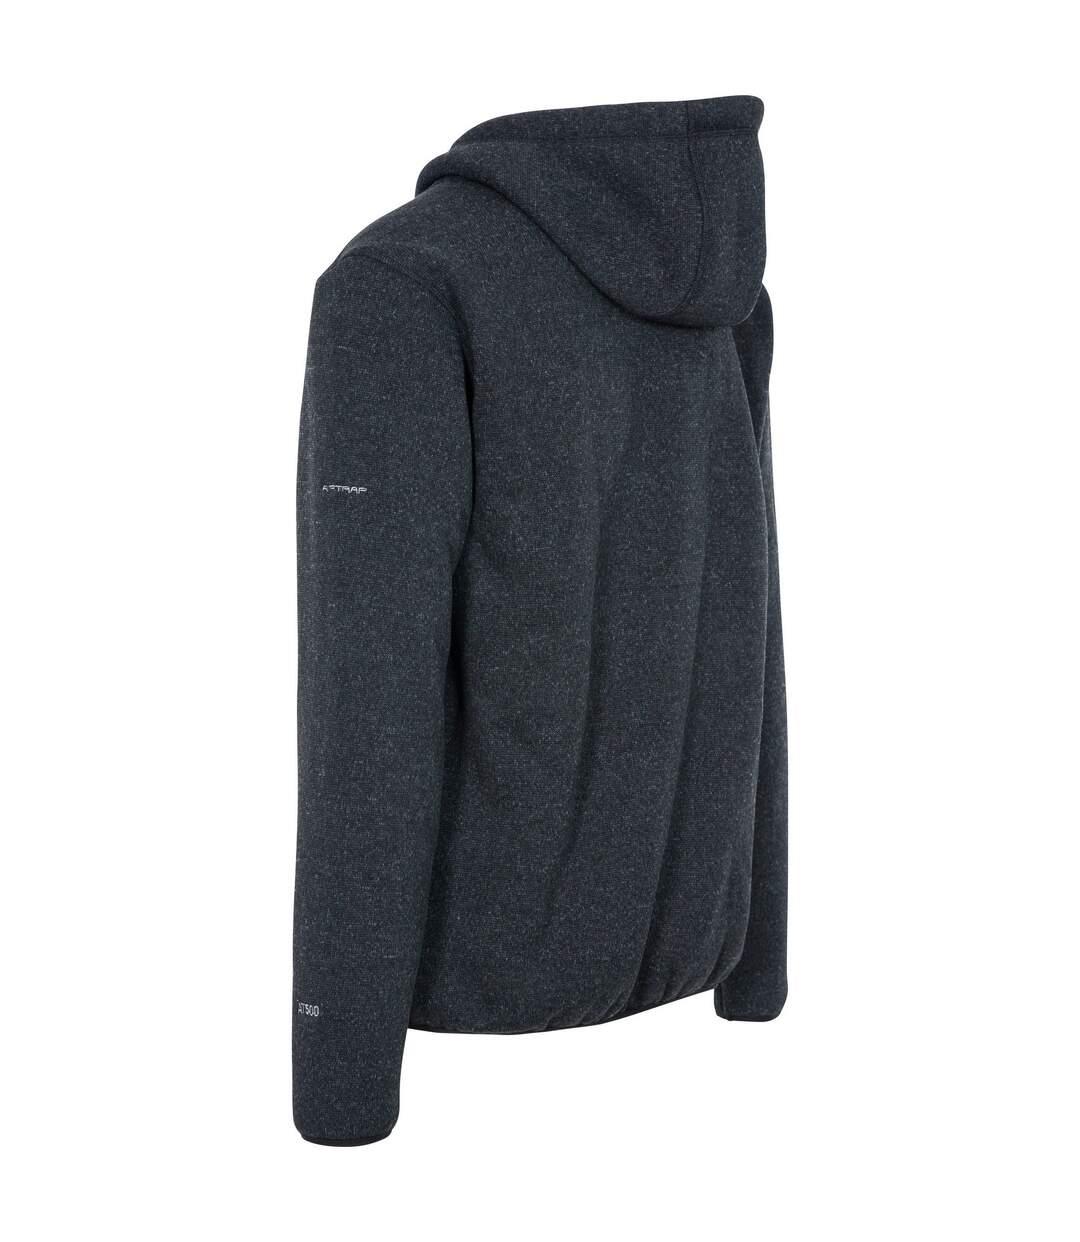 Trespass Mens Tableypipe Fleece Jacket (Black Marl) - UTTP4758